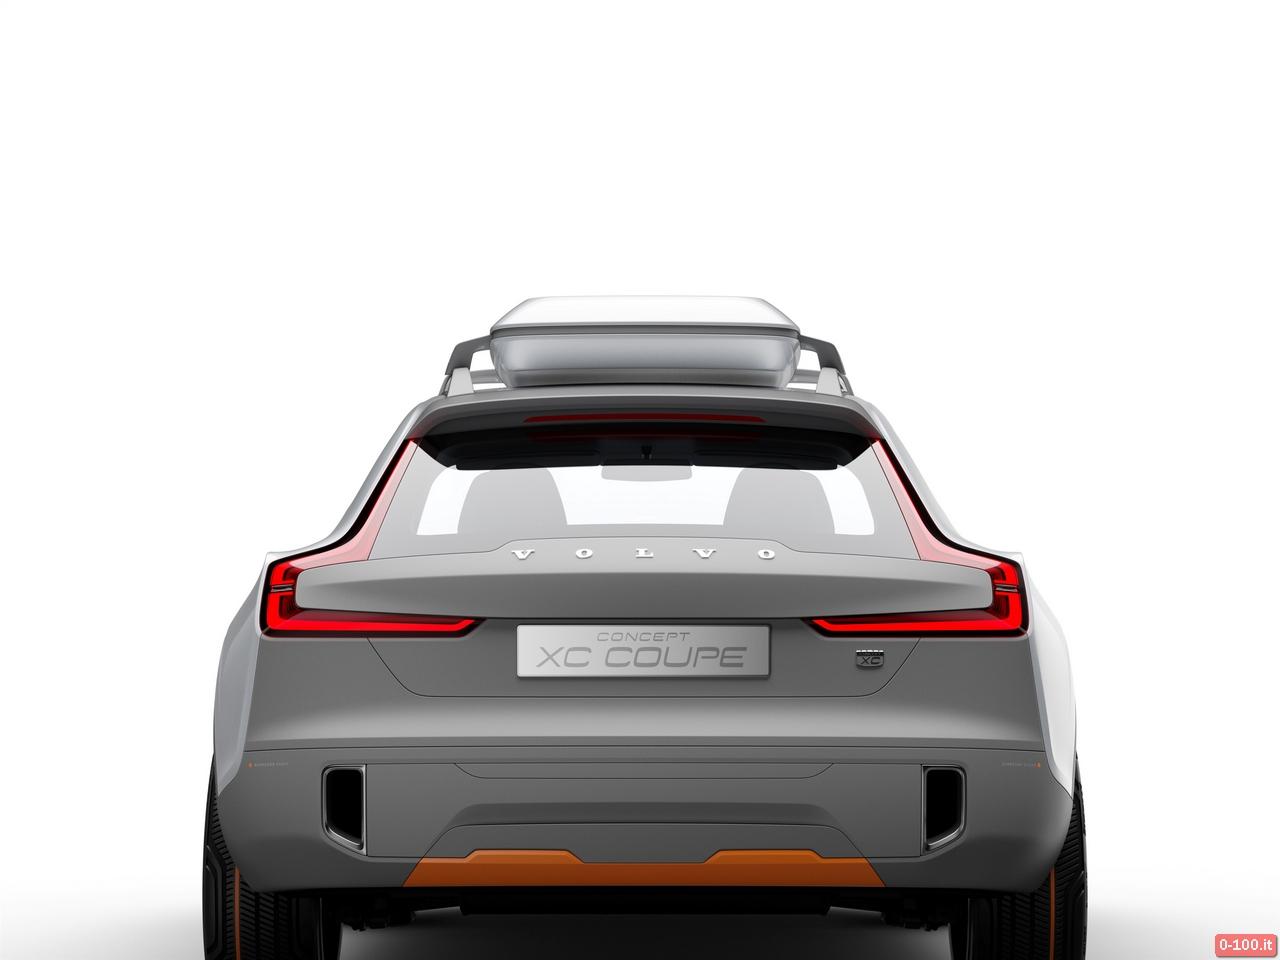 volvo-concept-xc-coupe-xc90_0-100_17